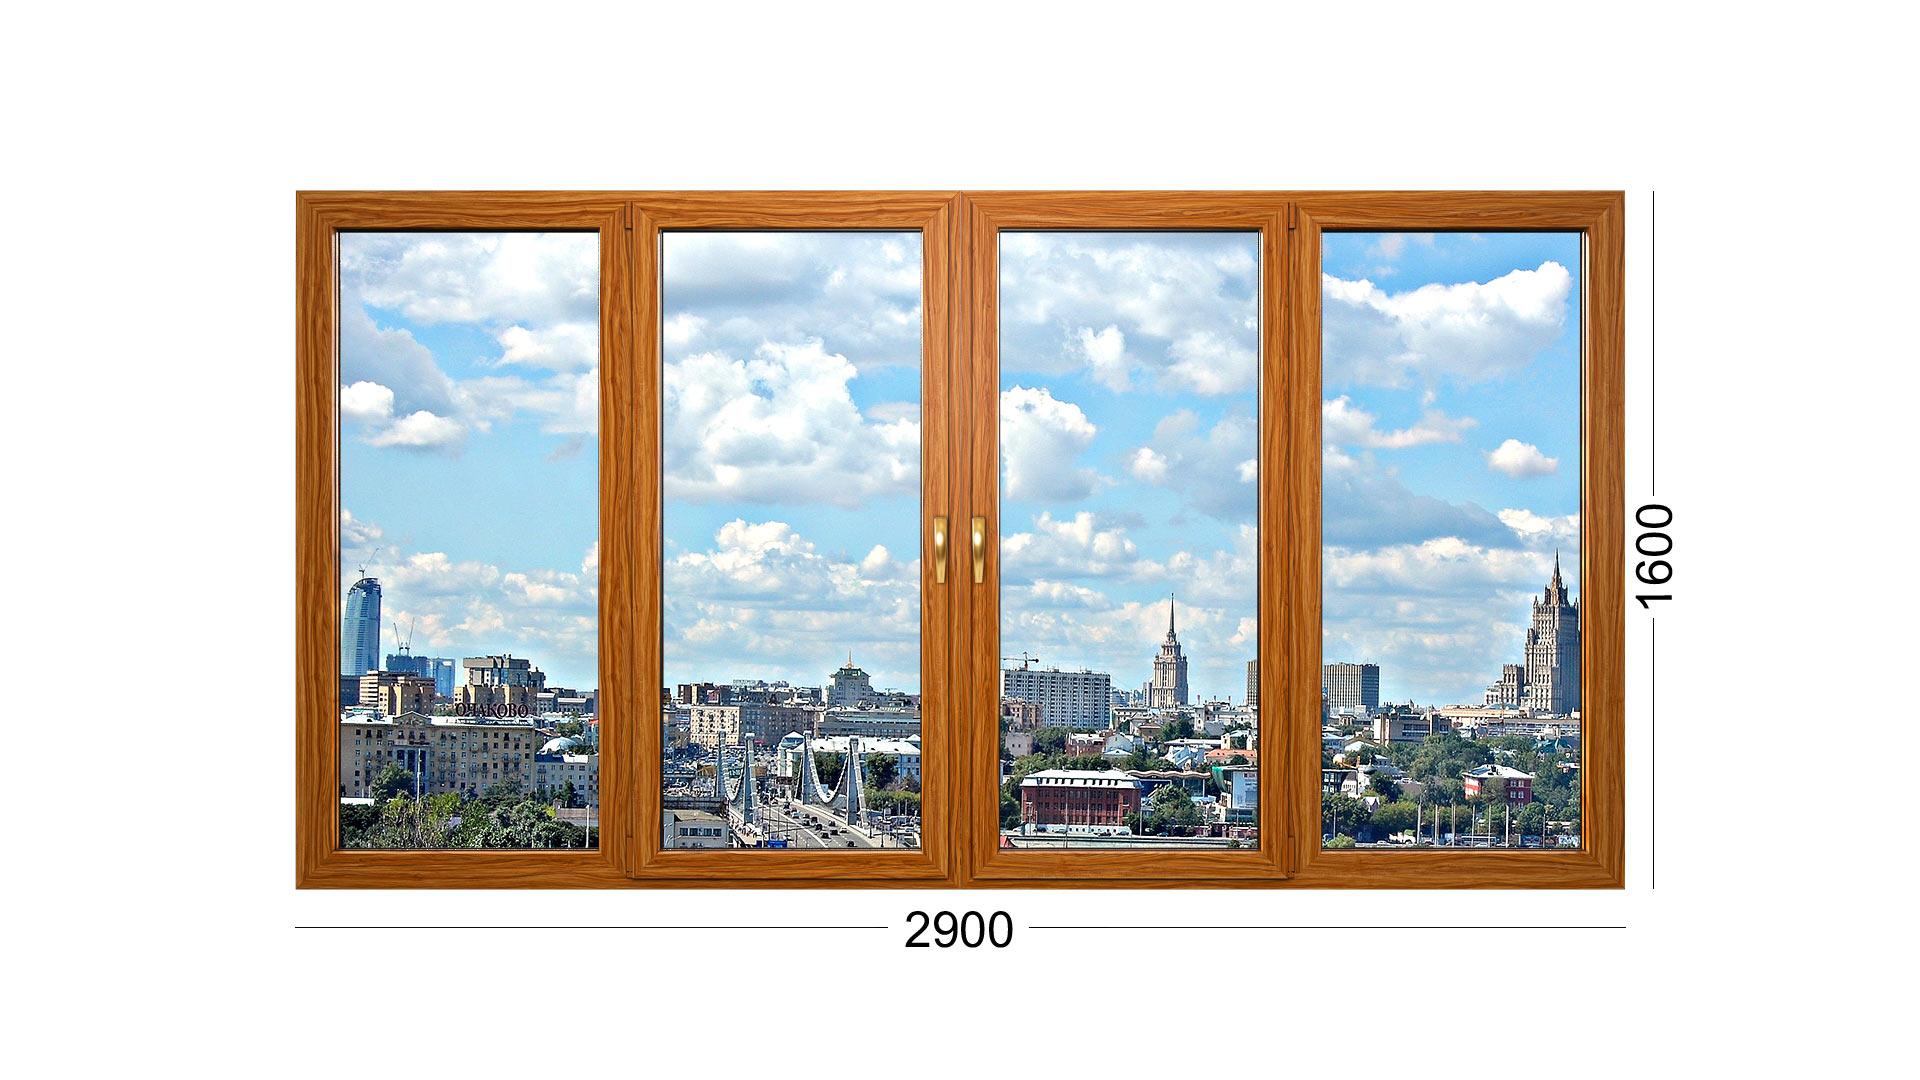 Деревянная рама для остекления дома 1605 12. Конструкция балкона и лоджии из 4 створок